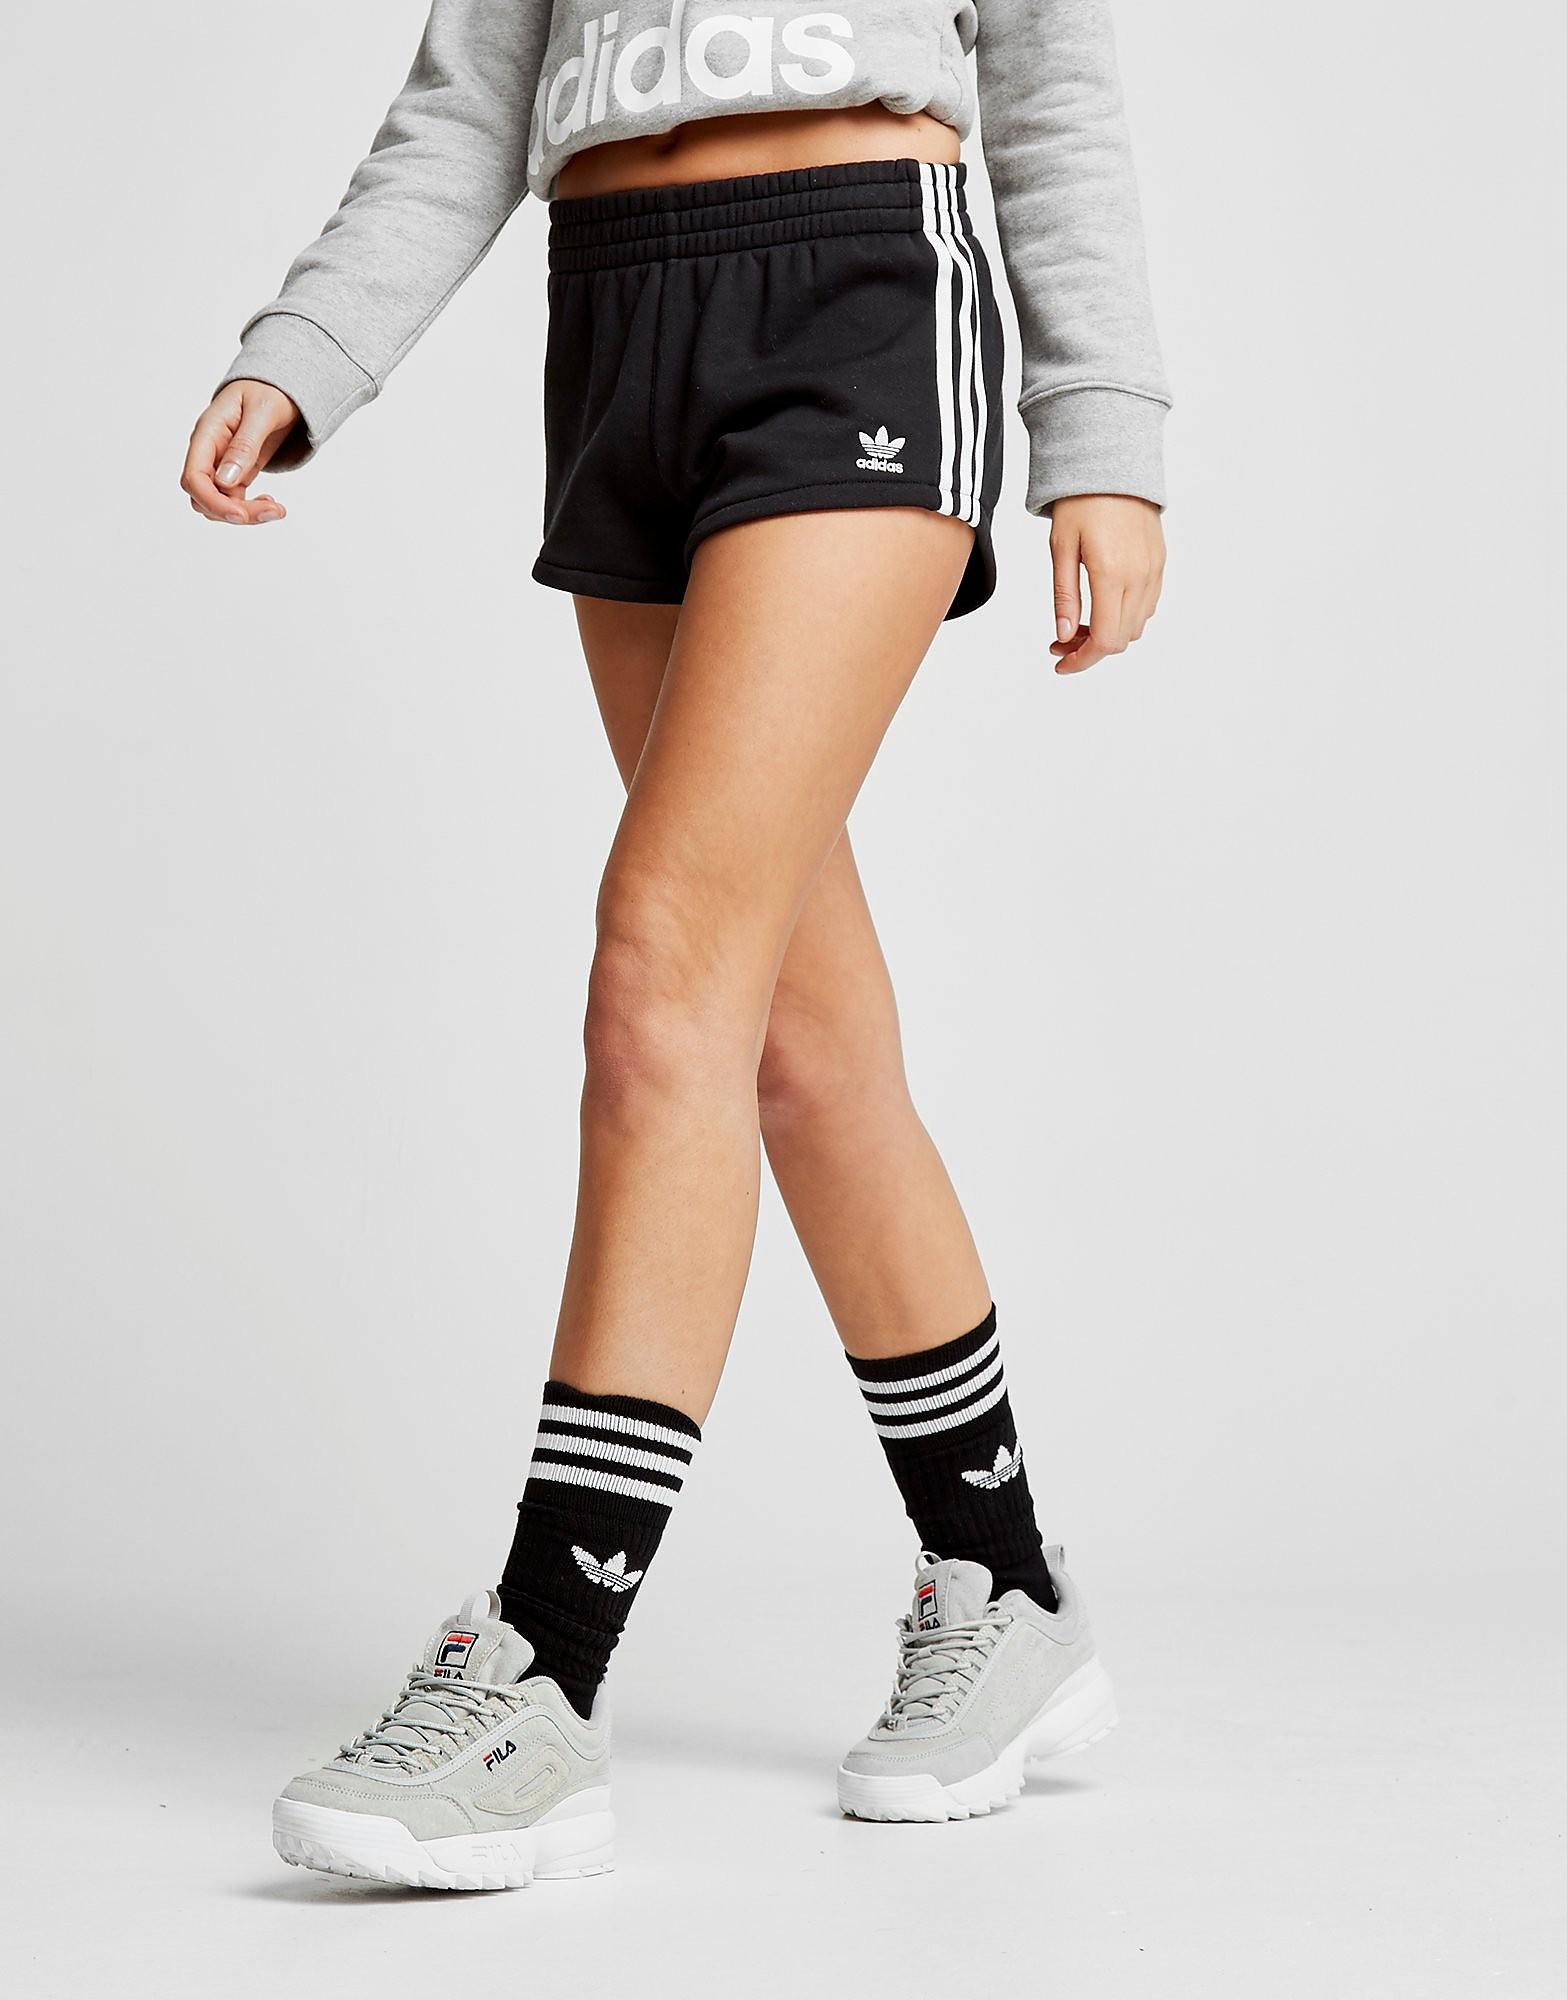 adidas Originals 3-Stripes Terry Shorts